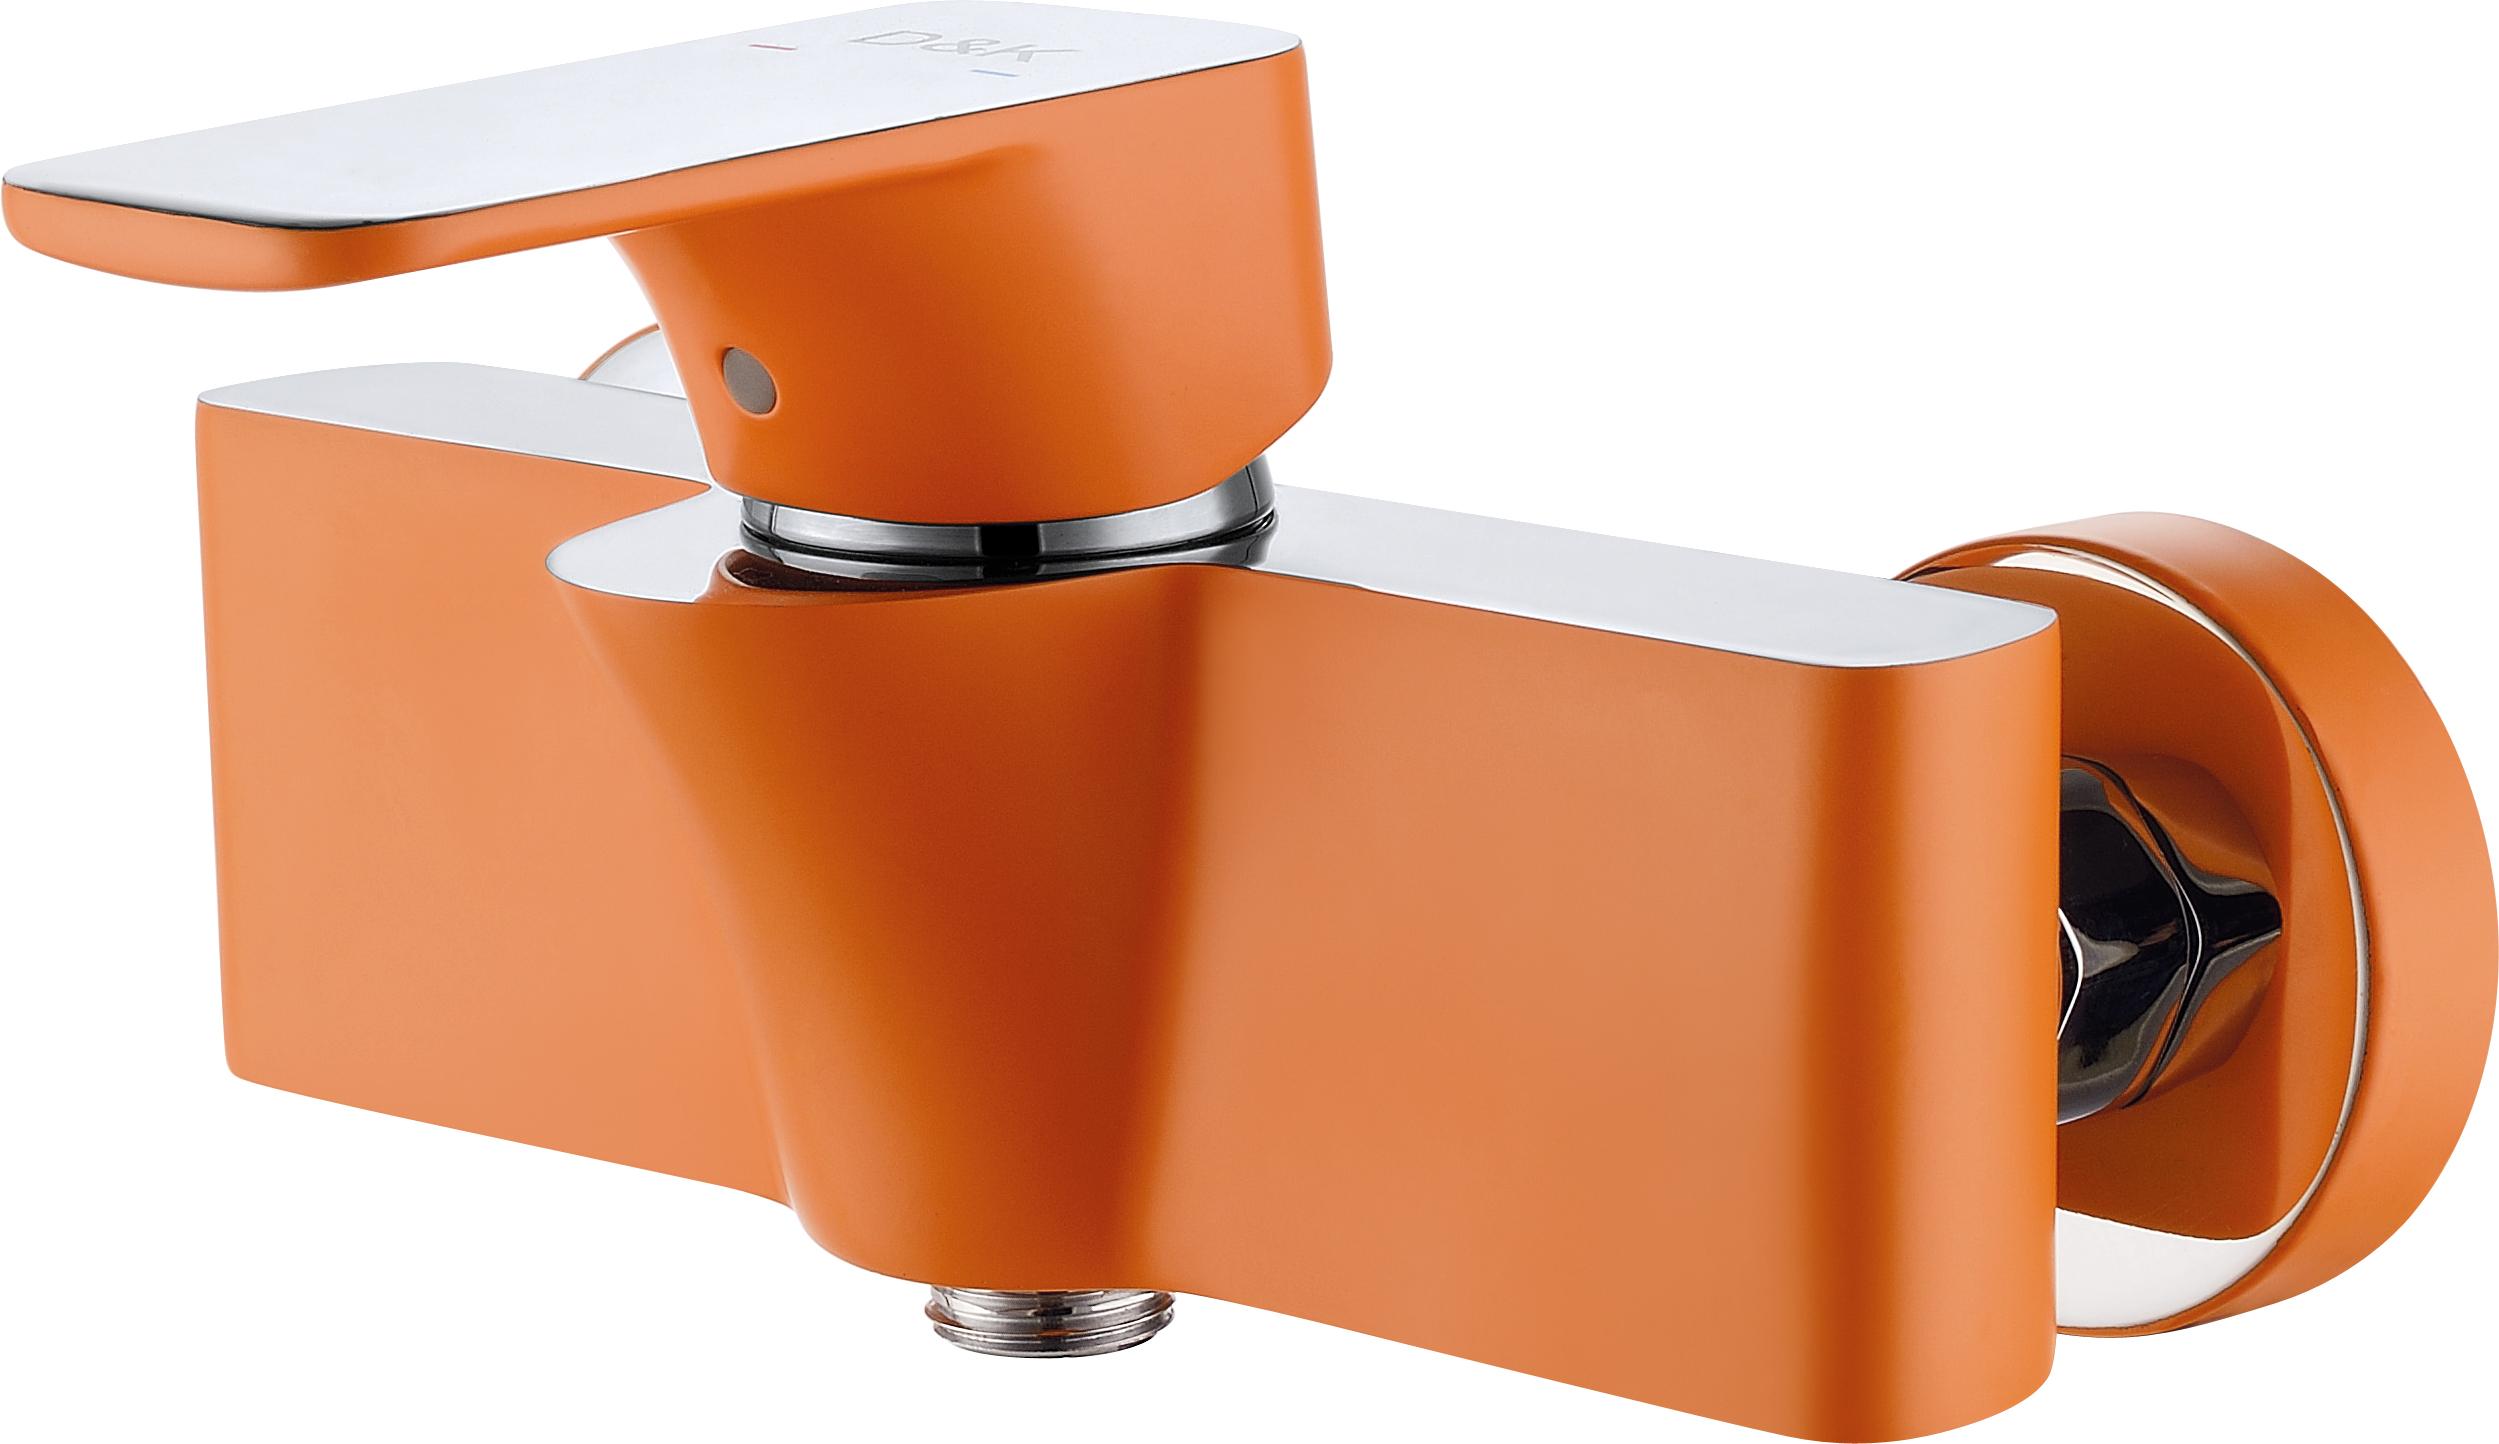 Смеситель для душа D&K Berlin.Kunste DA1433113 оранжевый-хром